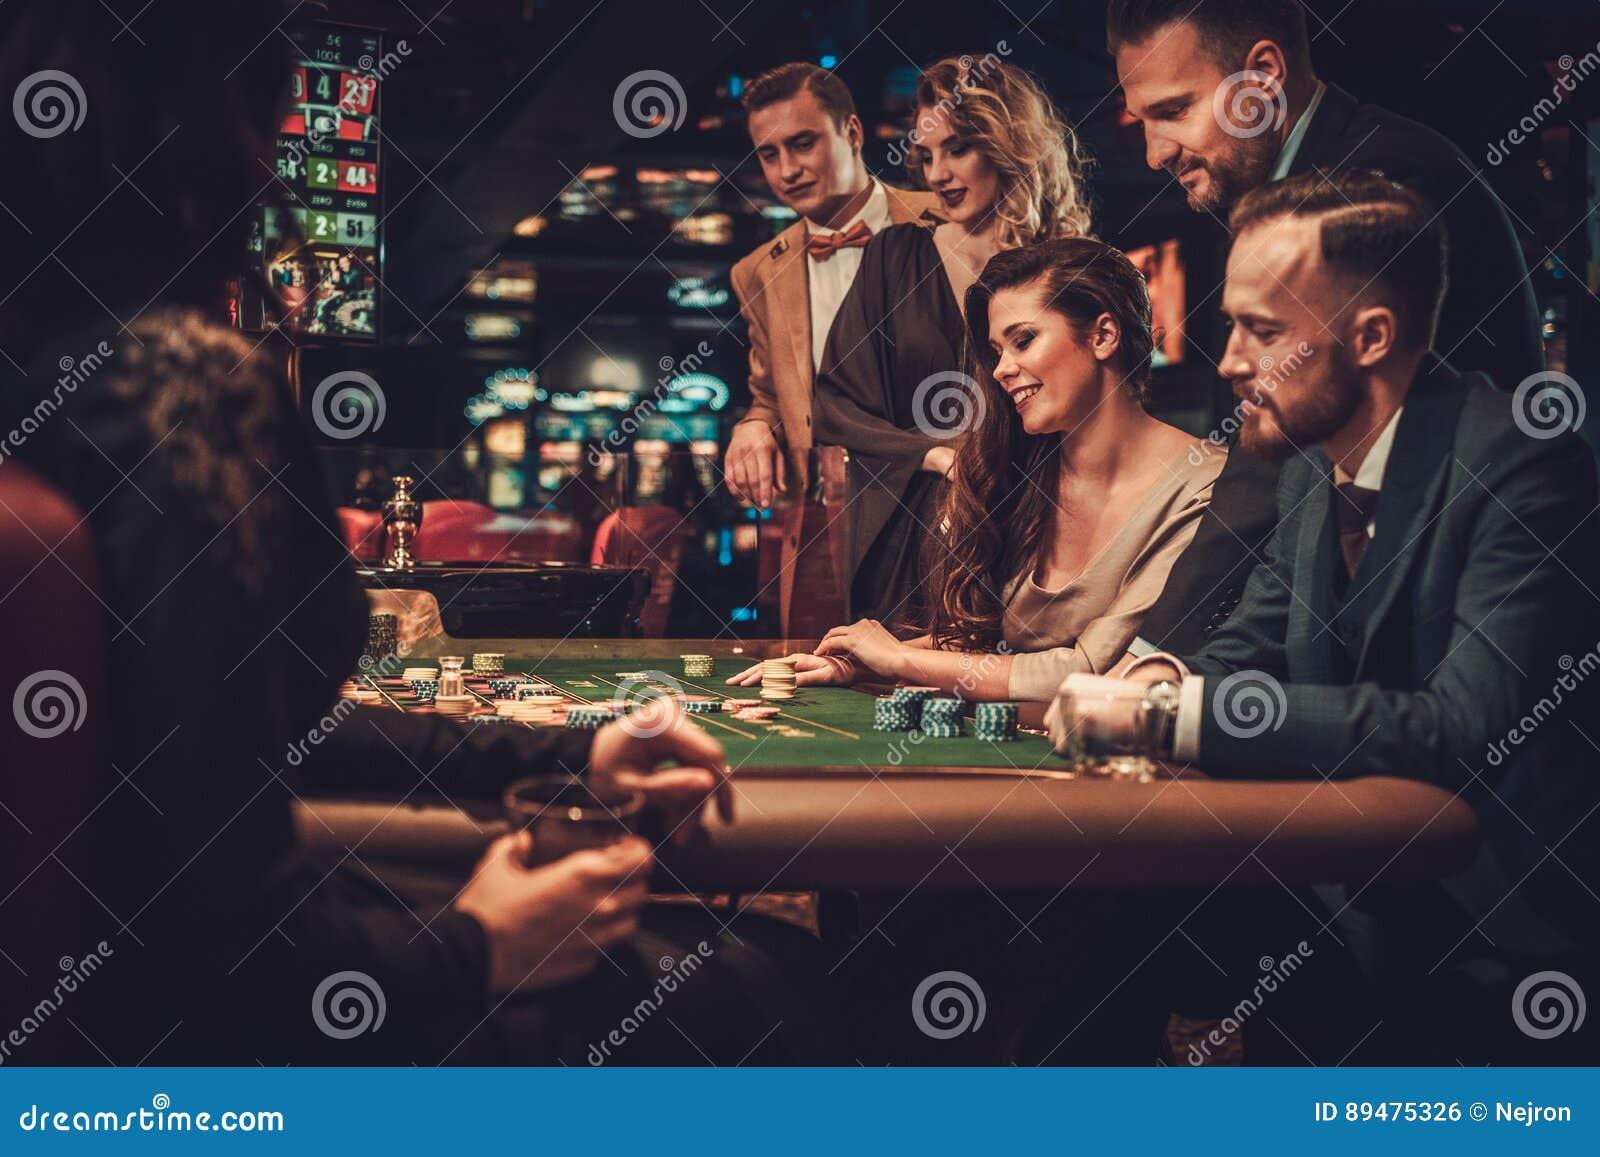 port gamble casino